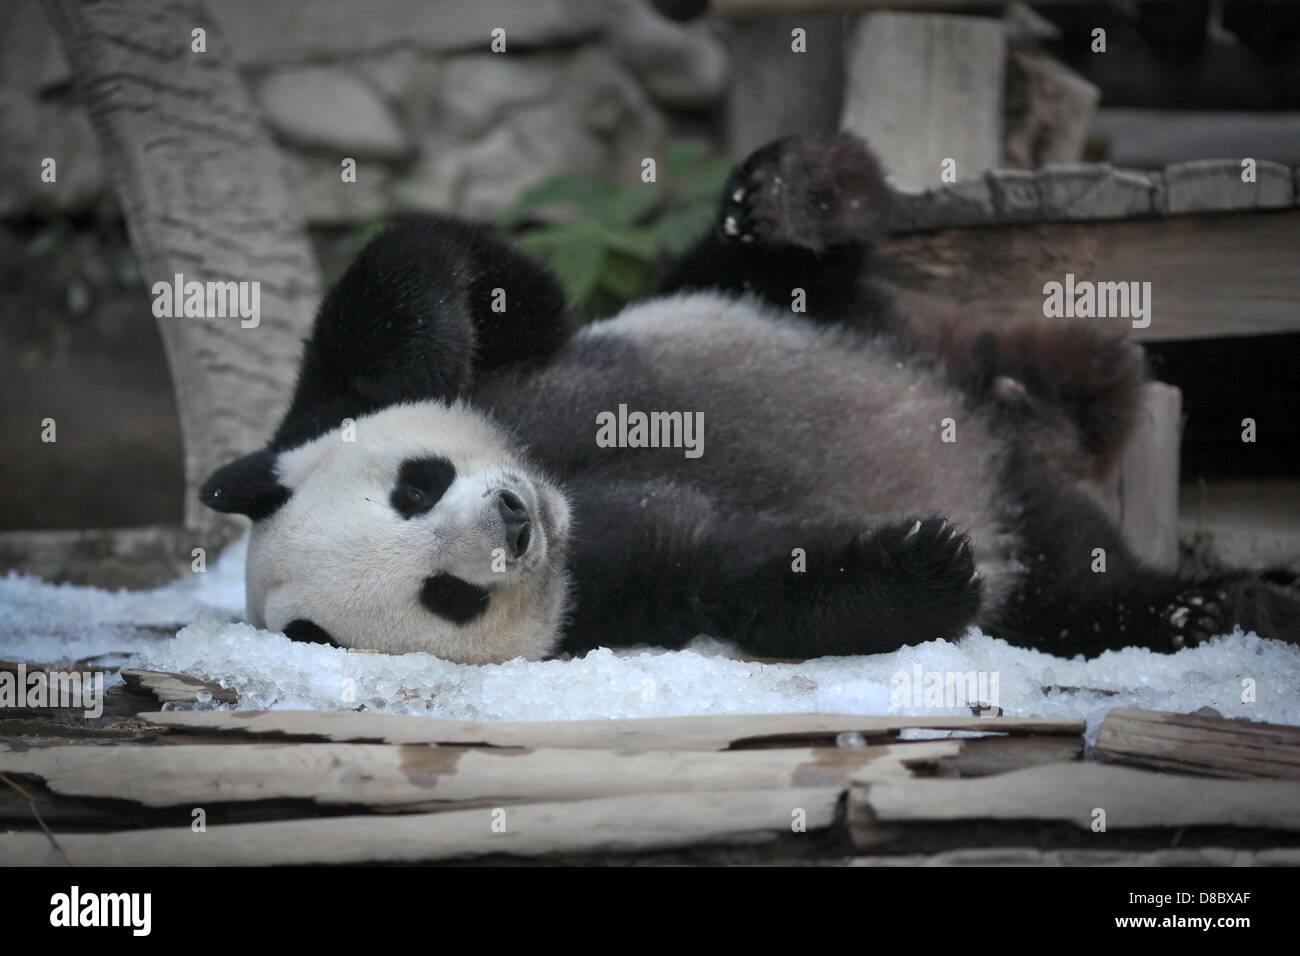 Un panda géant, représentée dans le zoo de Chiang Mai, Thaïlande. Photo: Fredrik von Erichsen Banque D'Images